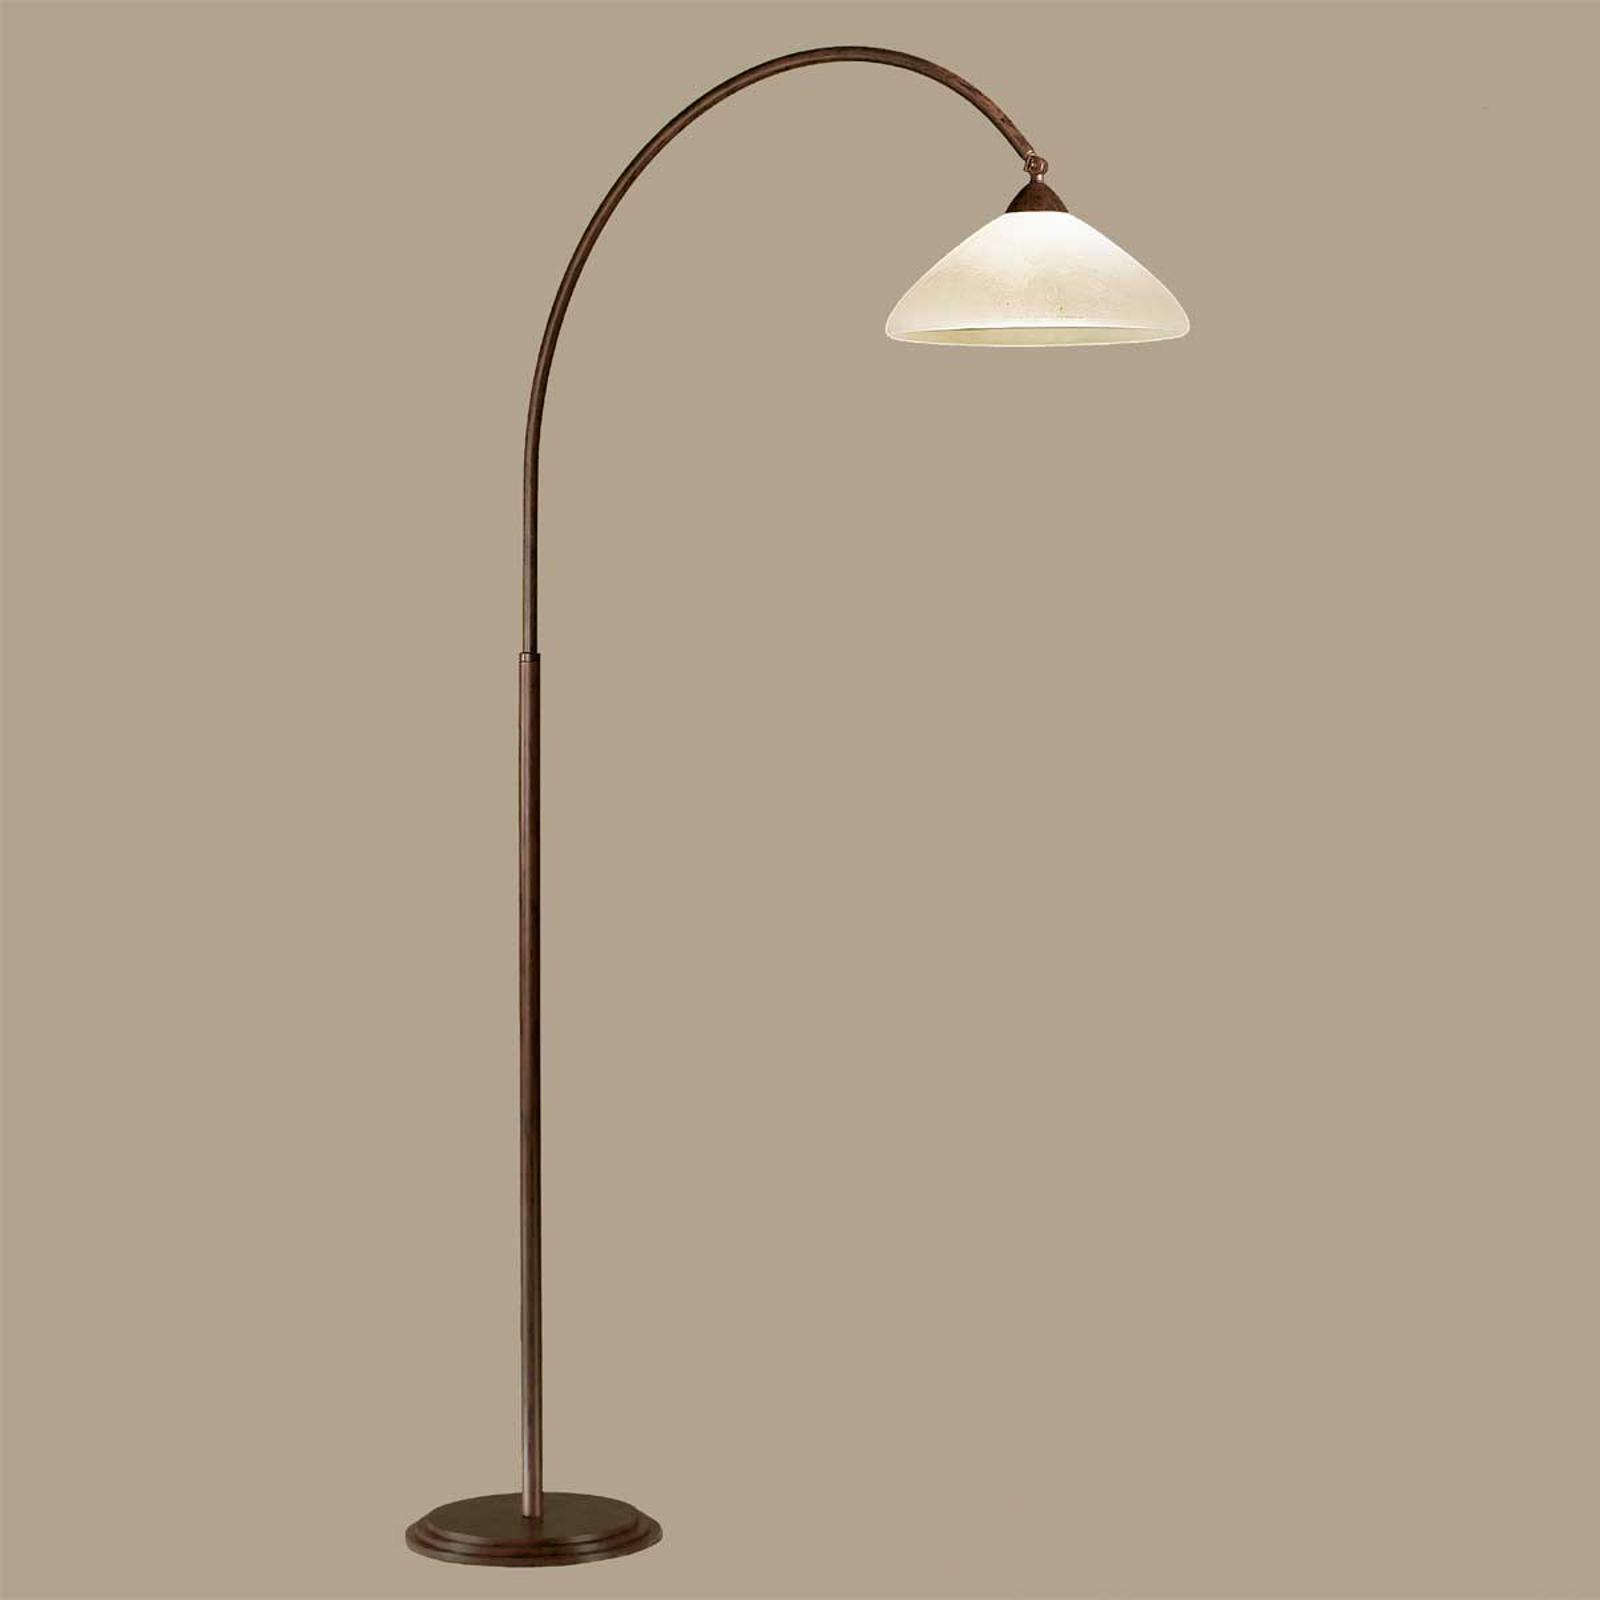 Lampa łukowa Samuele, rozpiętość 120cm, scavo-brąz